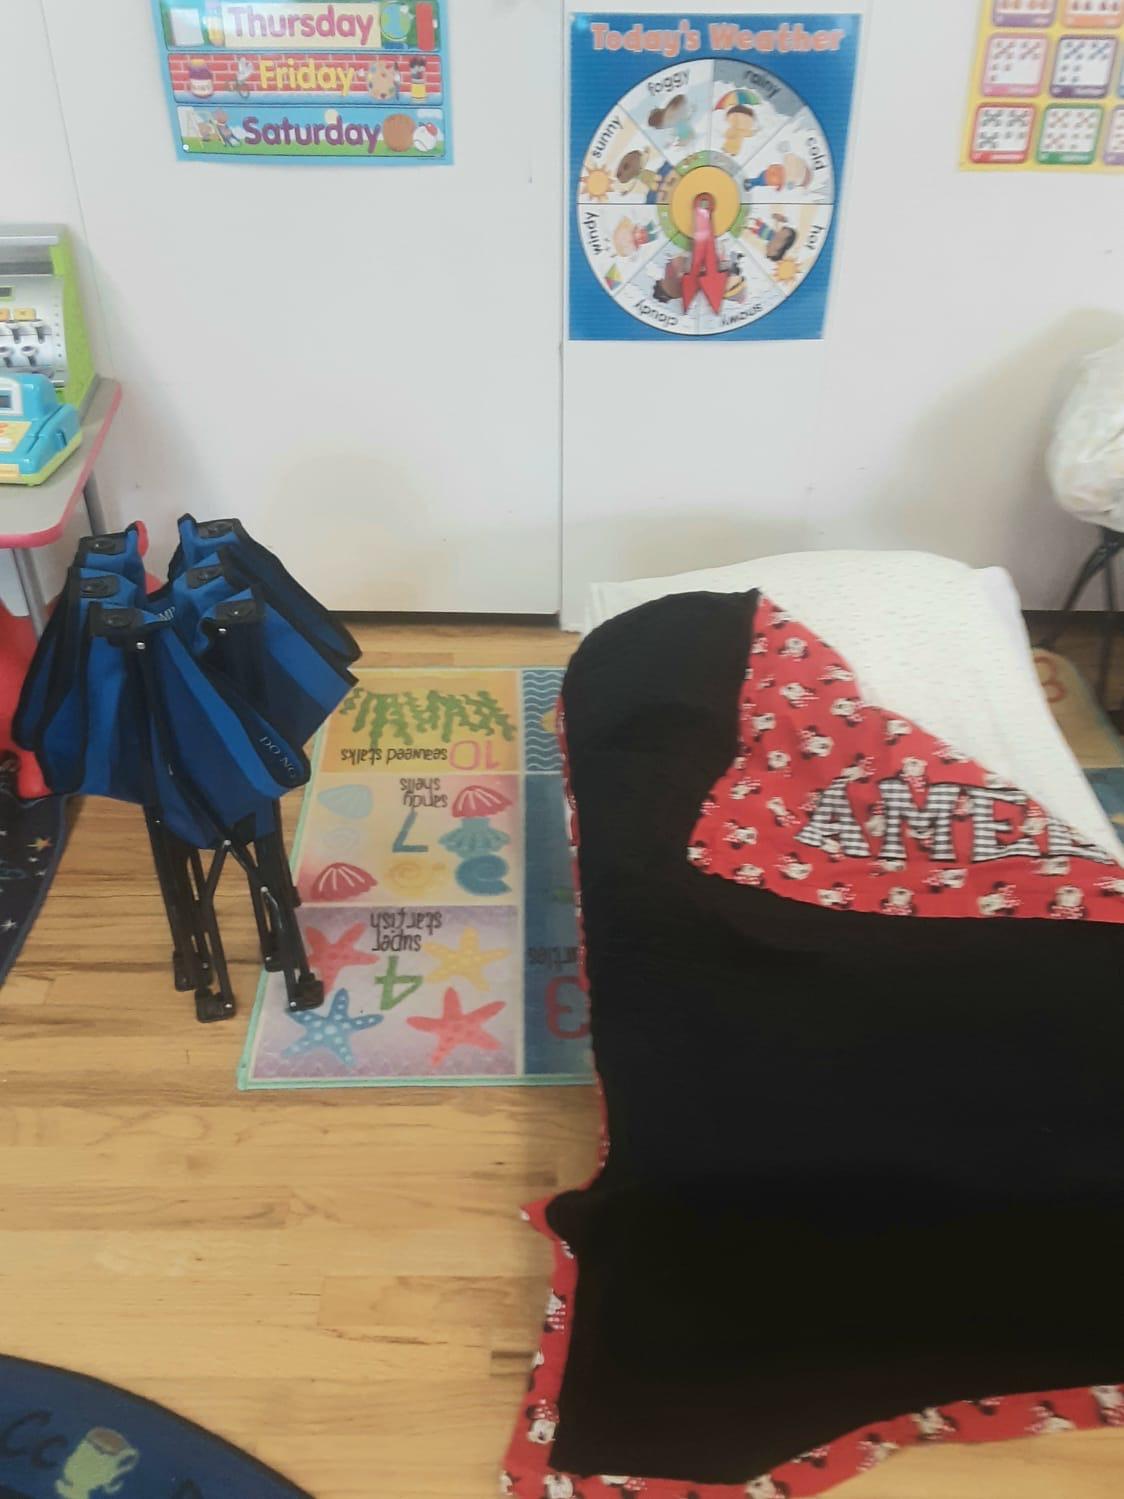 Дети в русскоязычном садике спят на раскладных кроватках. Слева такая кроватка в сложенном виде, а справа — в разобранном